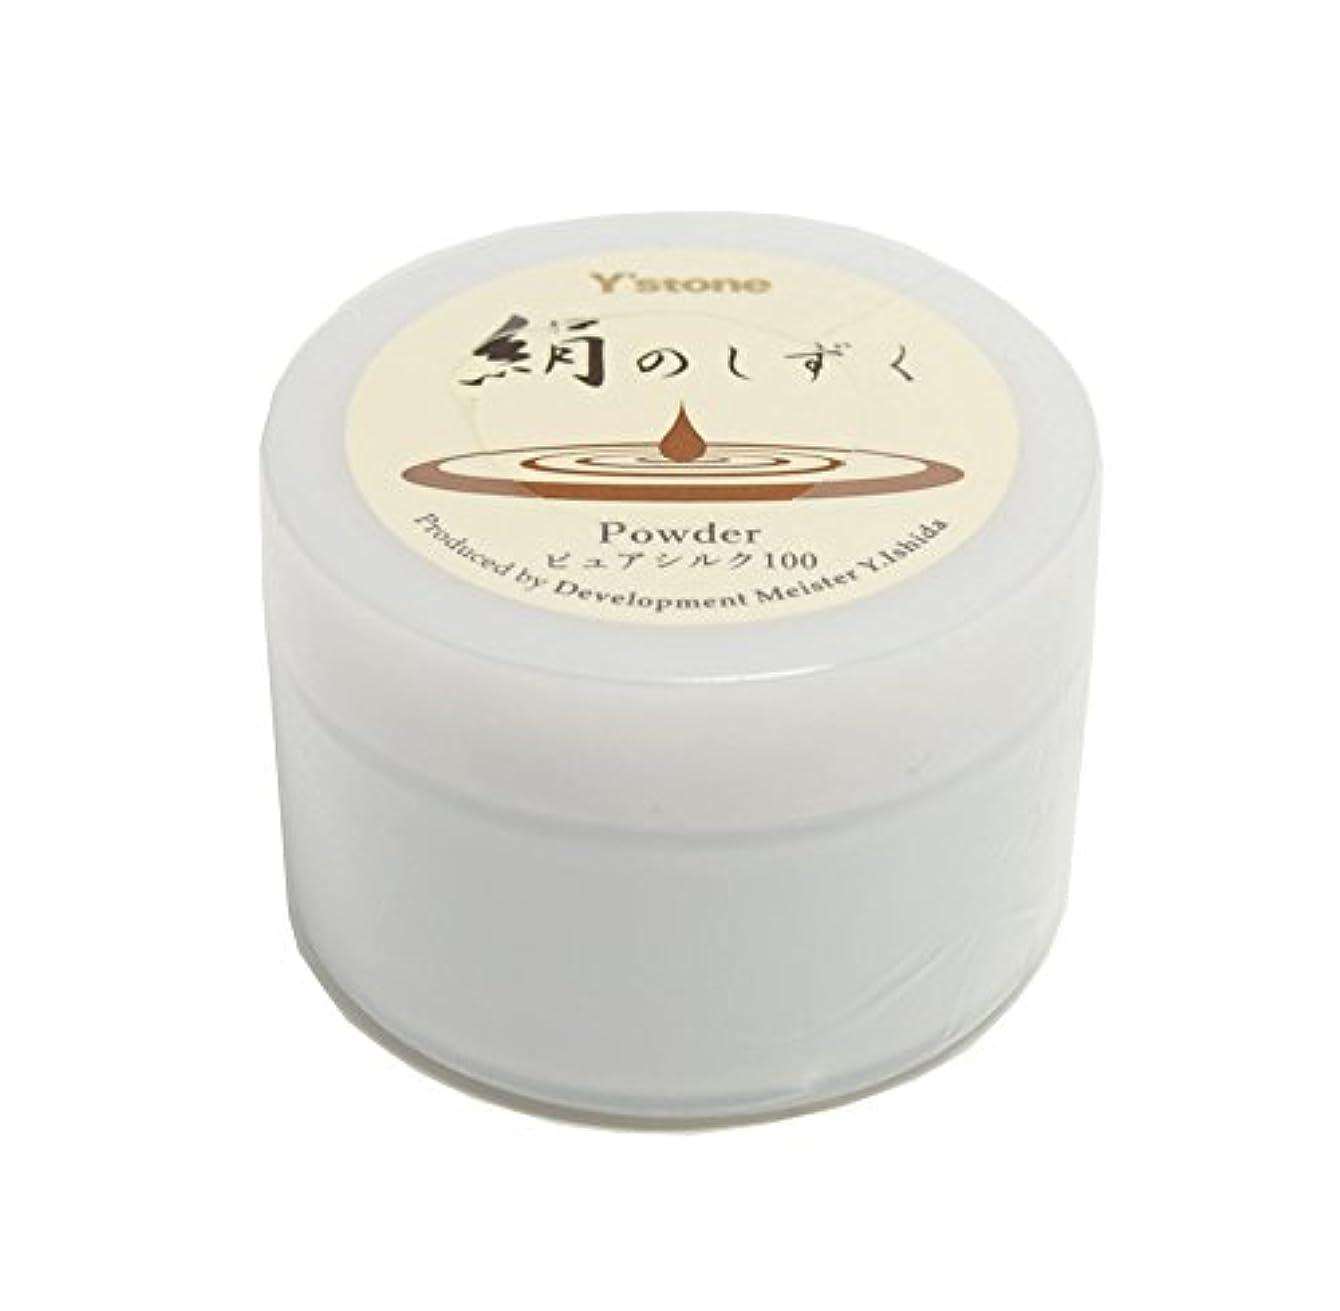 現れる第二鰐絹のしずく シルクパウダー100 8g 国産シルク100% 使用。シルク(まゆ)を丸ごと使用☆自然の日焼けを防ぐ効果が期待